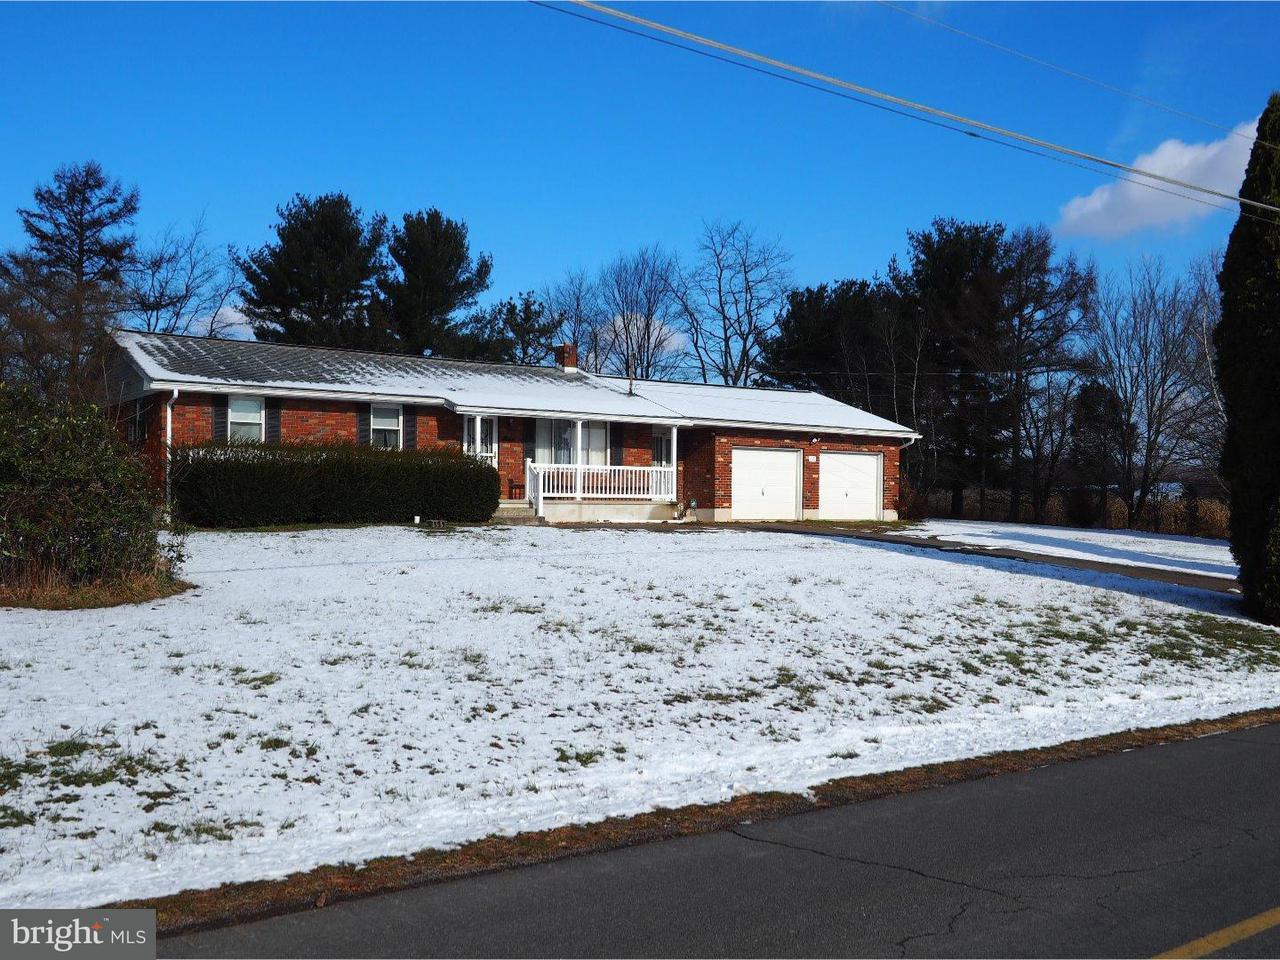 Частный односемейный дом для того Продажа на 581 HECLA Road New Ringgold, Пенсильвания 17960 Соединенные Штаты